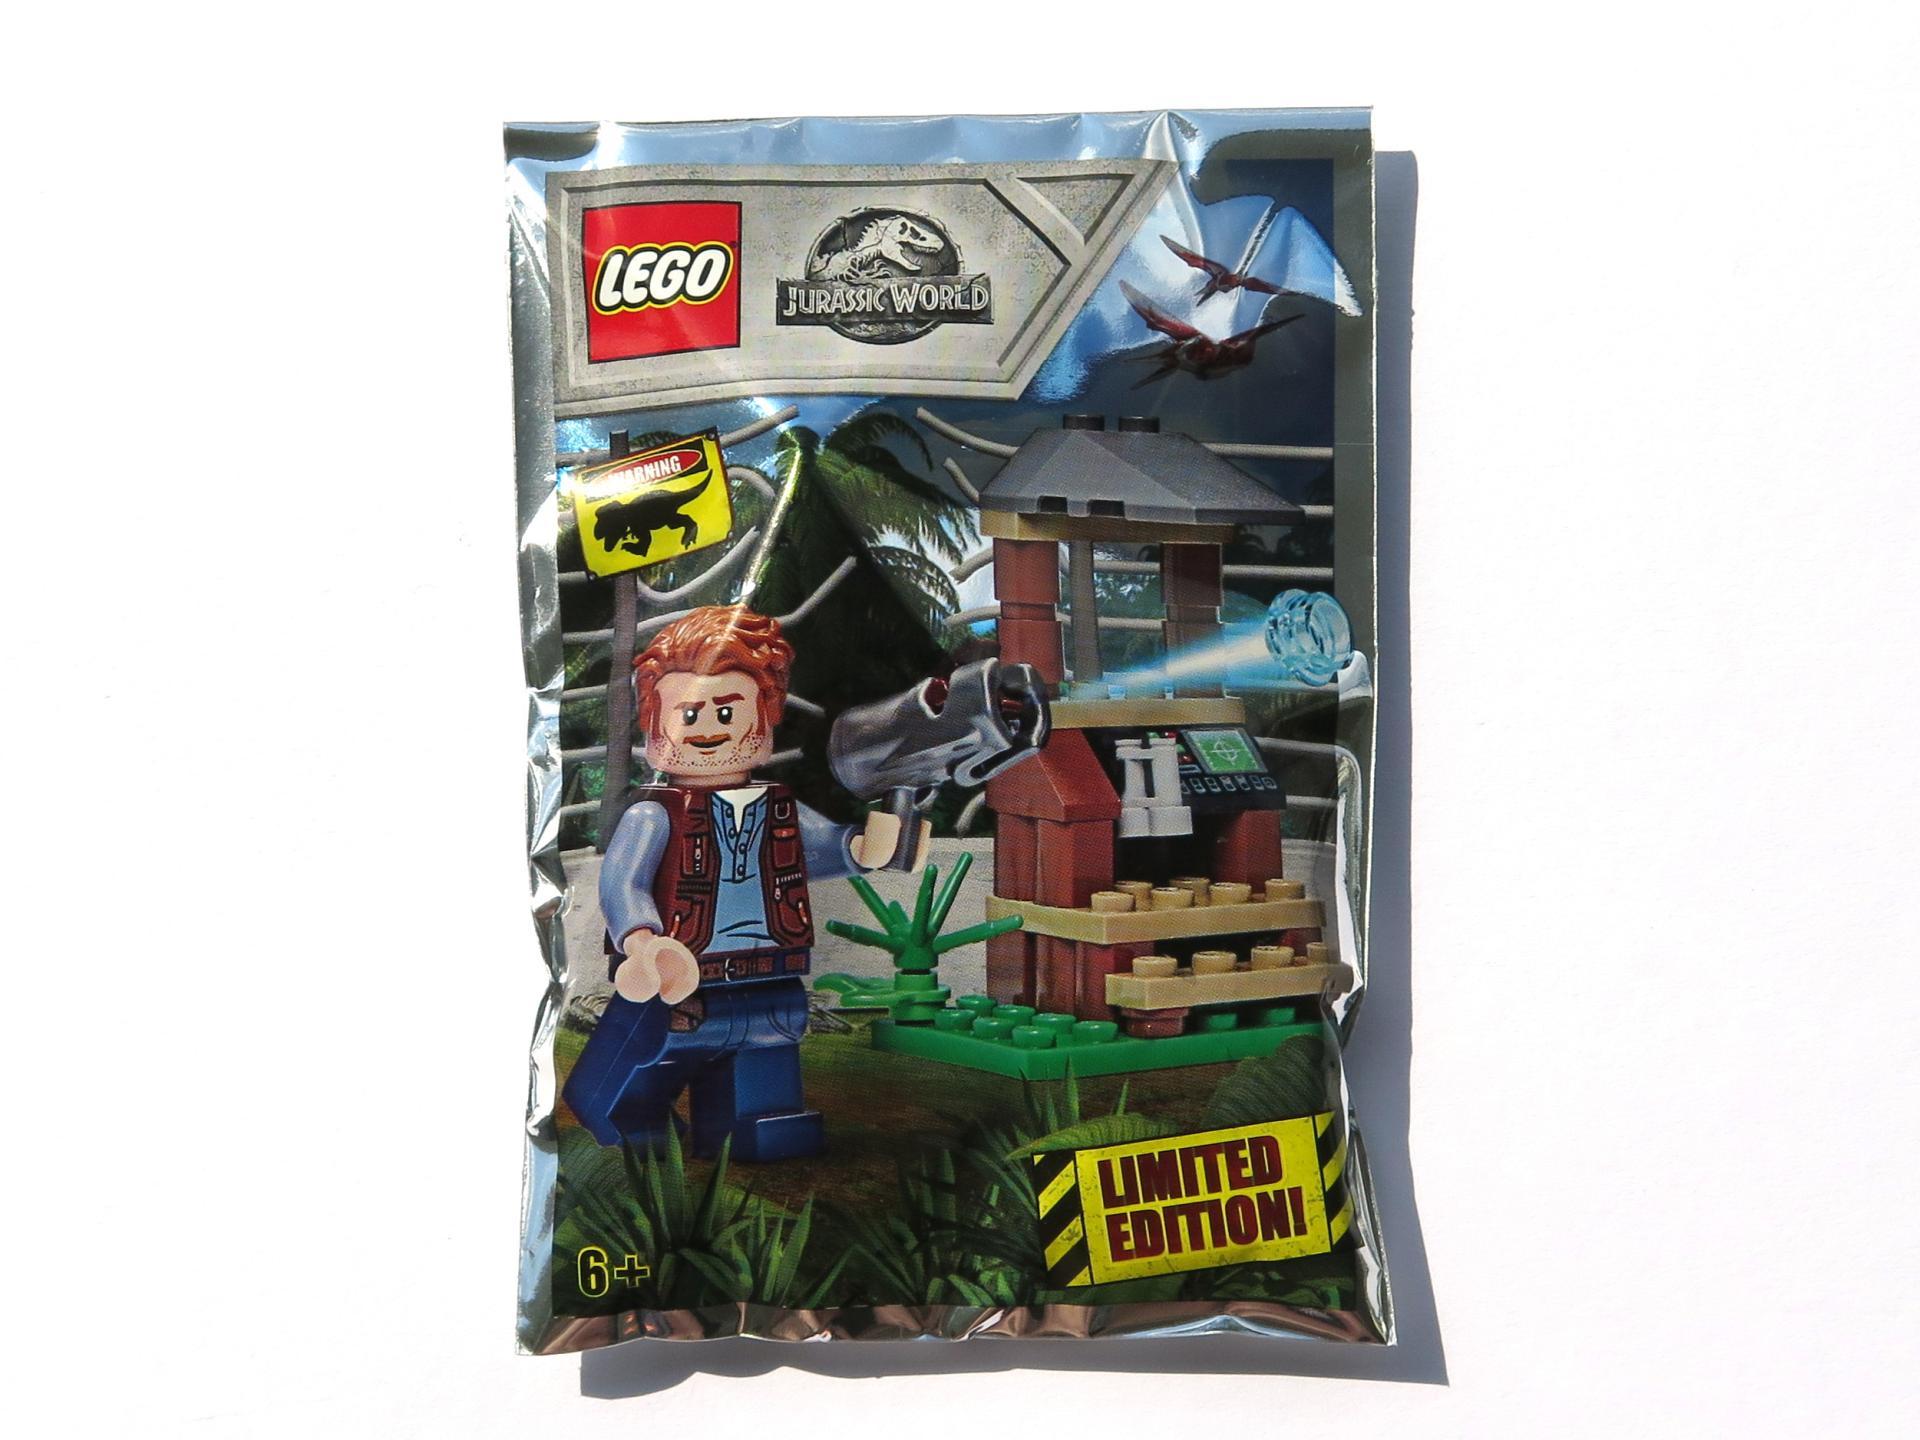 LEGO Magazin JURASSIC WORLD No 2 mit OWEN mit Beobachtungsposten